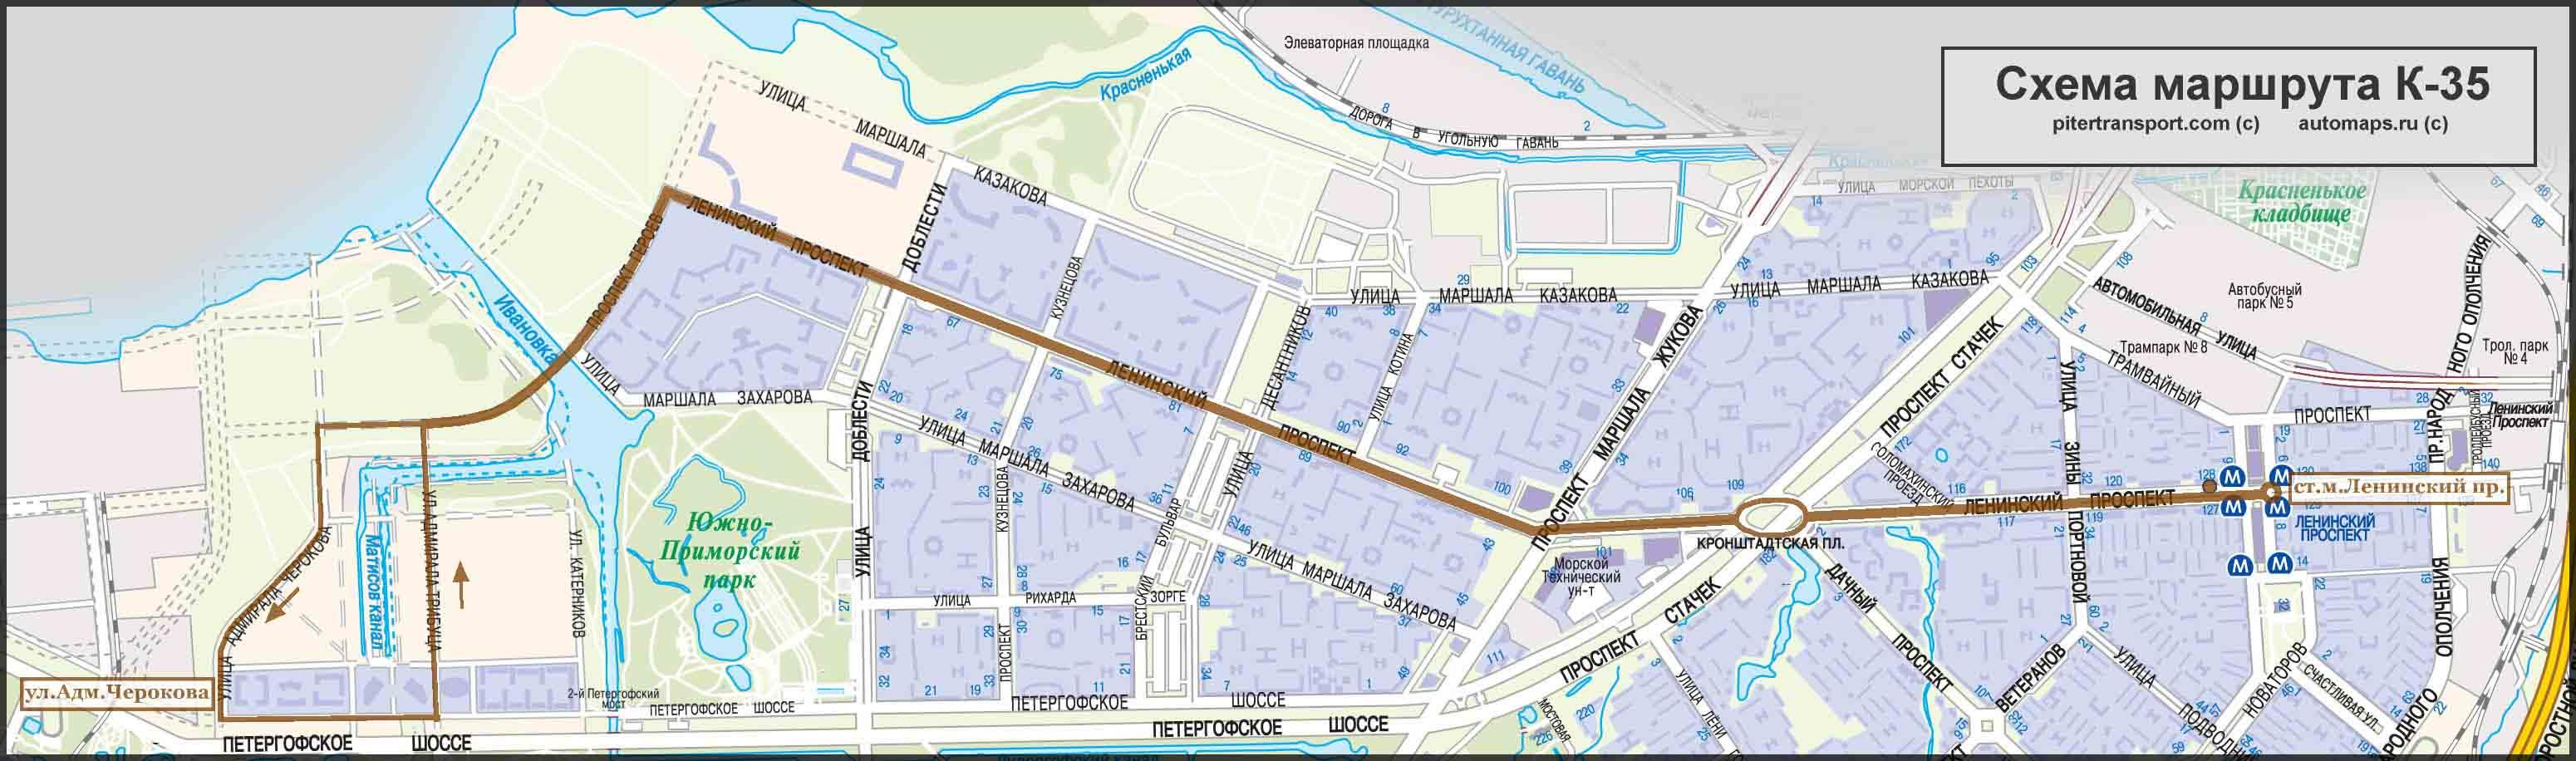 Схема маршрута маршрутного такси фото 268